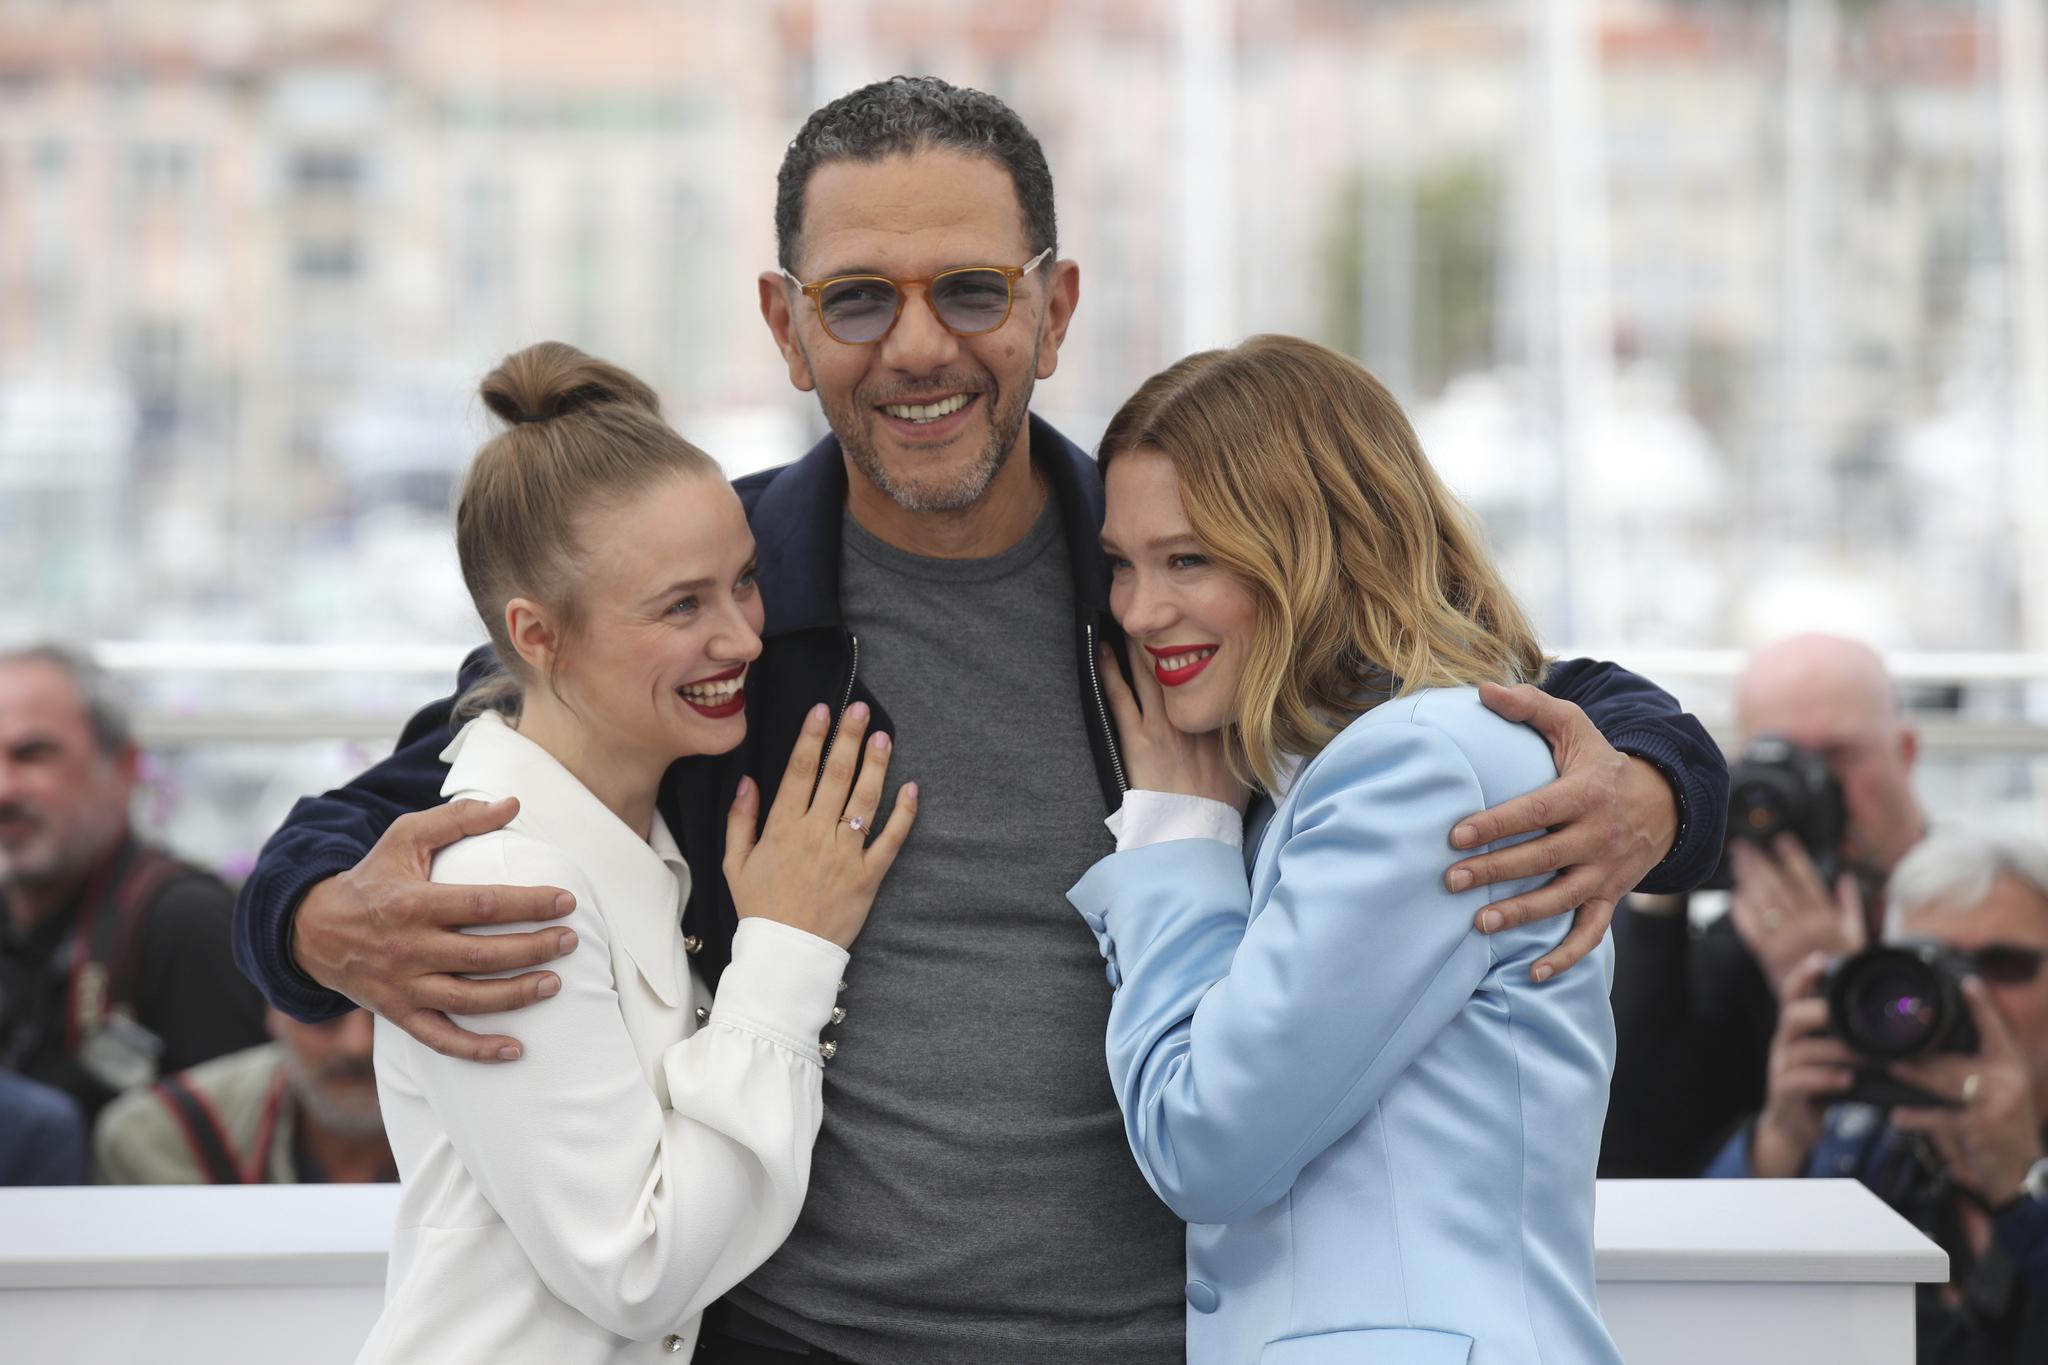 배우 사라 포레스티에, 로디쉬 젬, 레아 세이두가(왼쪽부터) 23일 오후(현지시간) 프랑스 칸 팔레 드 페스티발에서 열린 '제 72회 칸 국제영화제'(Cannes Film Festival) 경쟁부문 진출작 '오 머시!'(OH MERCY!) 포토콜에 참석했다.[AP=연합뉴스]